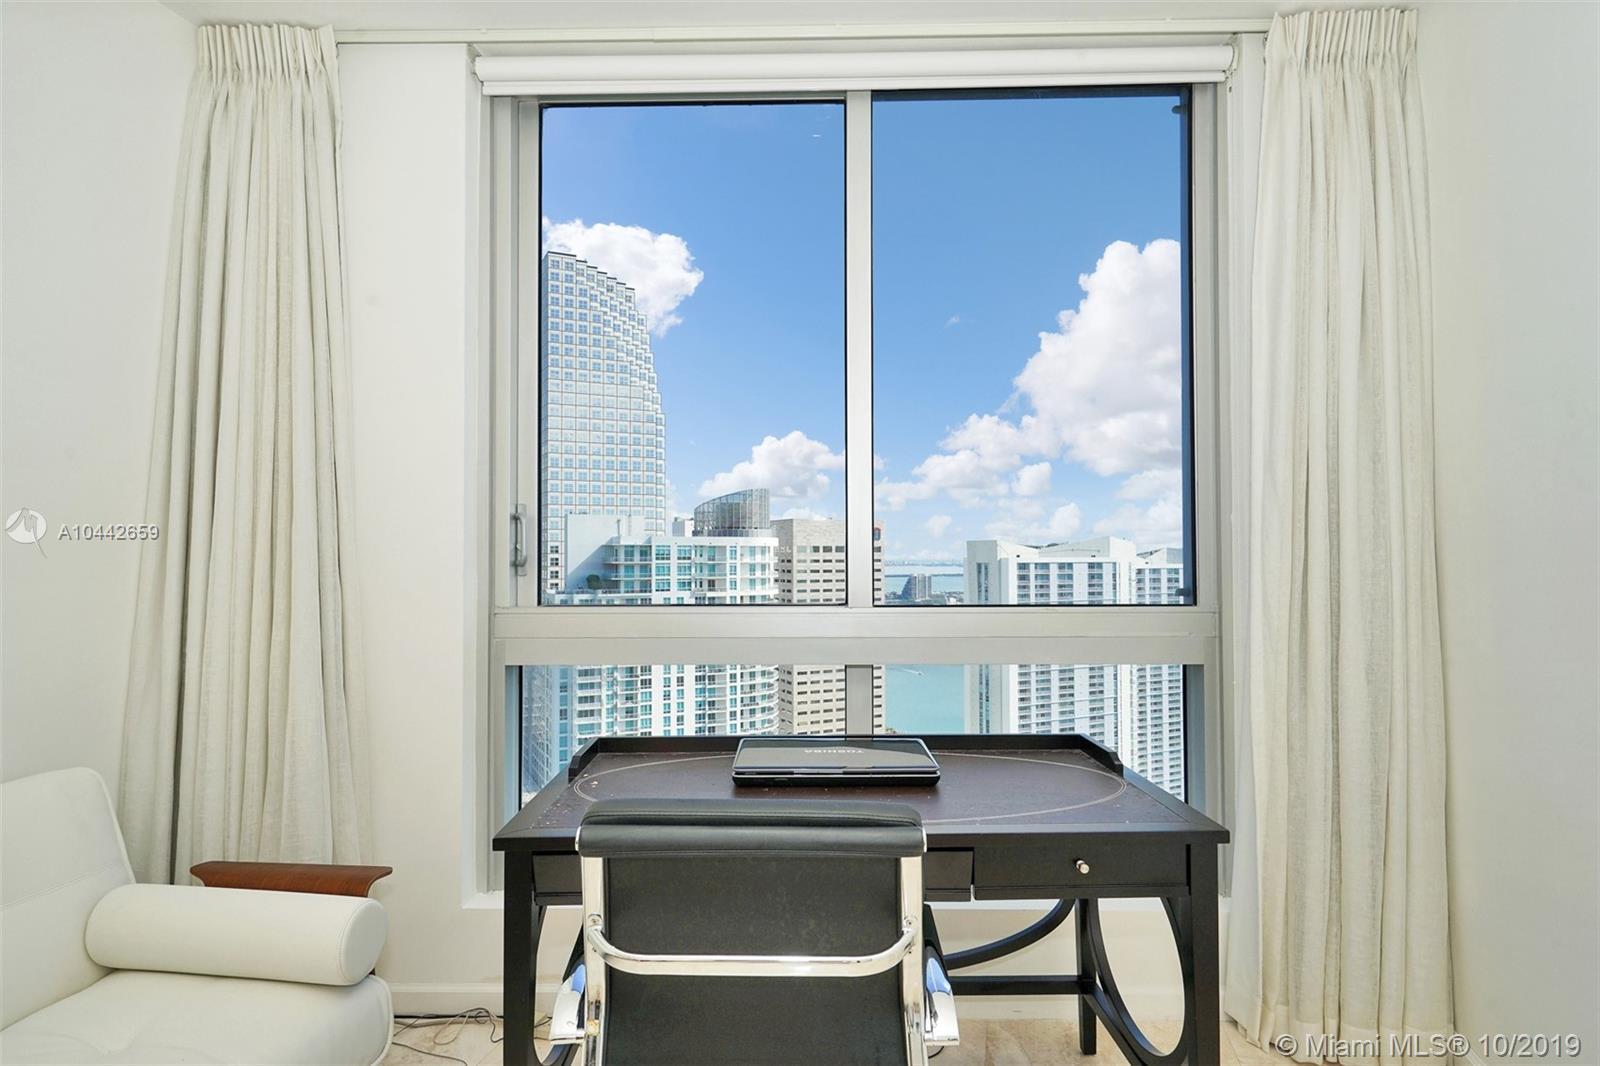 465 Brickell Ave, Miami, FL 33131, Icon Brickell I #4201, Brickell, Miami A10442659 image #28